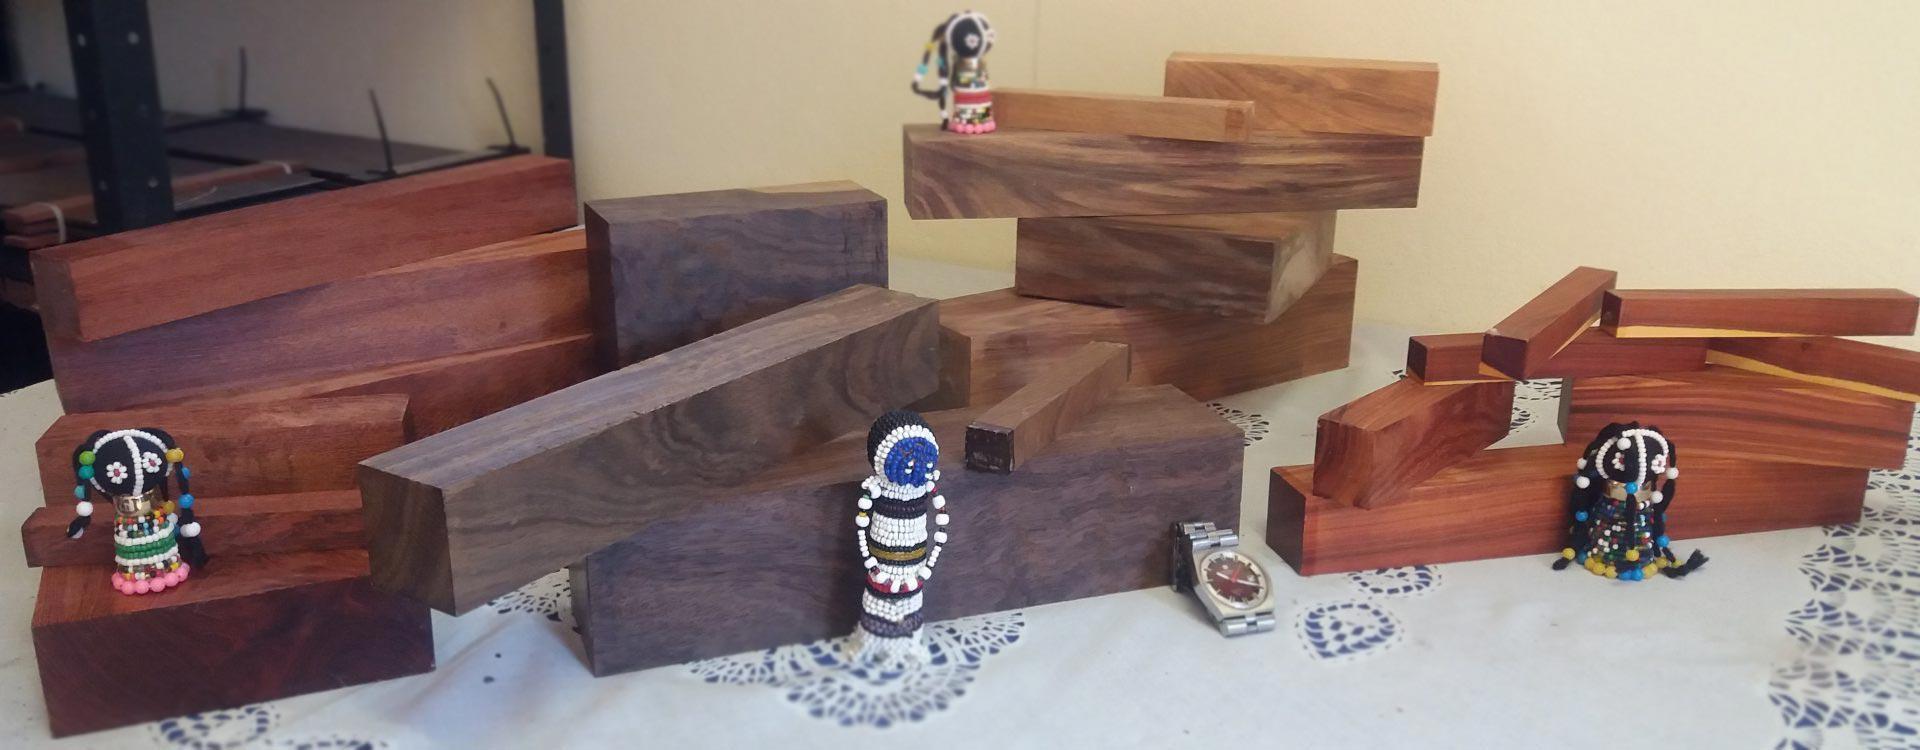 work with Prosono hardwoods